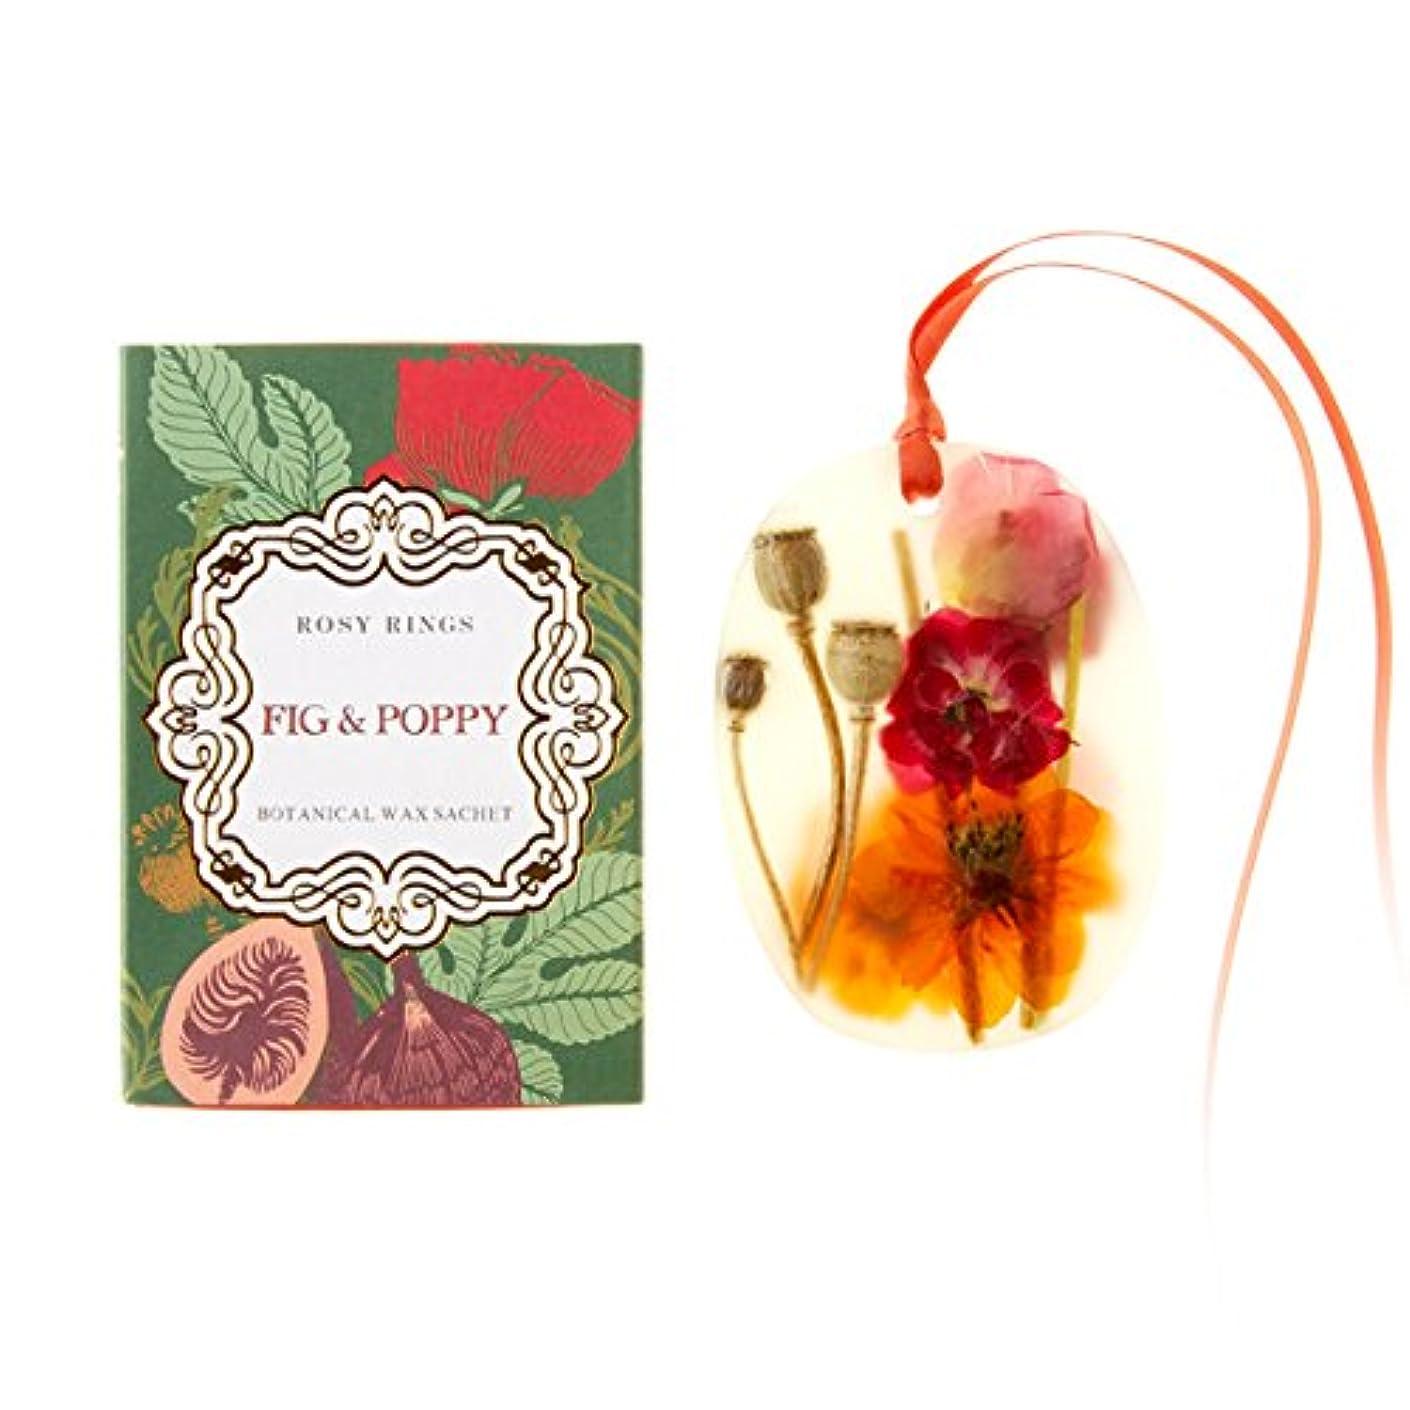 くちばしつらいベースロージーリングス プティボタニカルサシェ フィグ&ポピー ROSY RINGS Petite Oval Botanical Wax Sachet Fig & Poppy